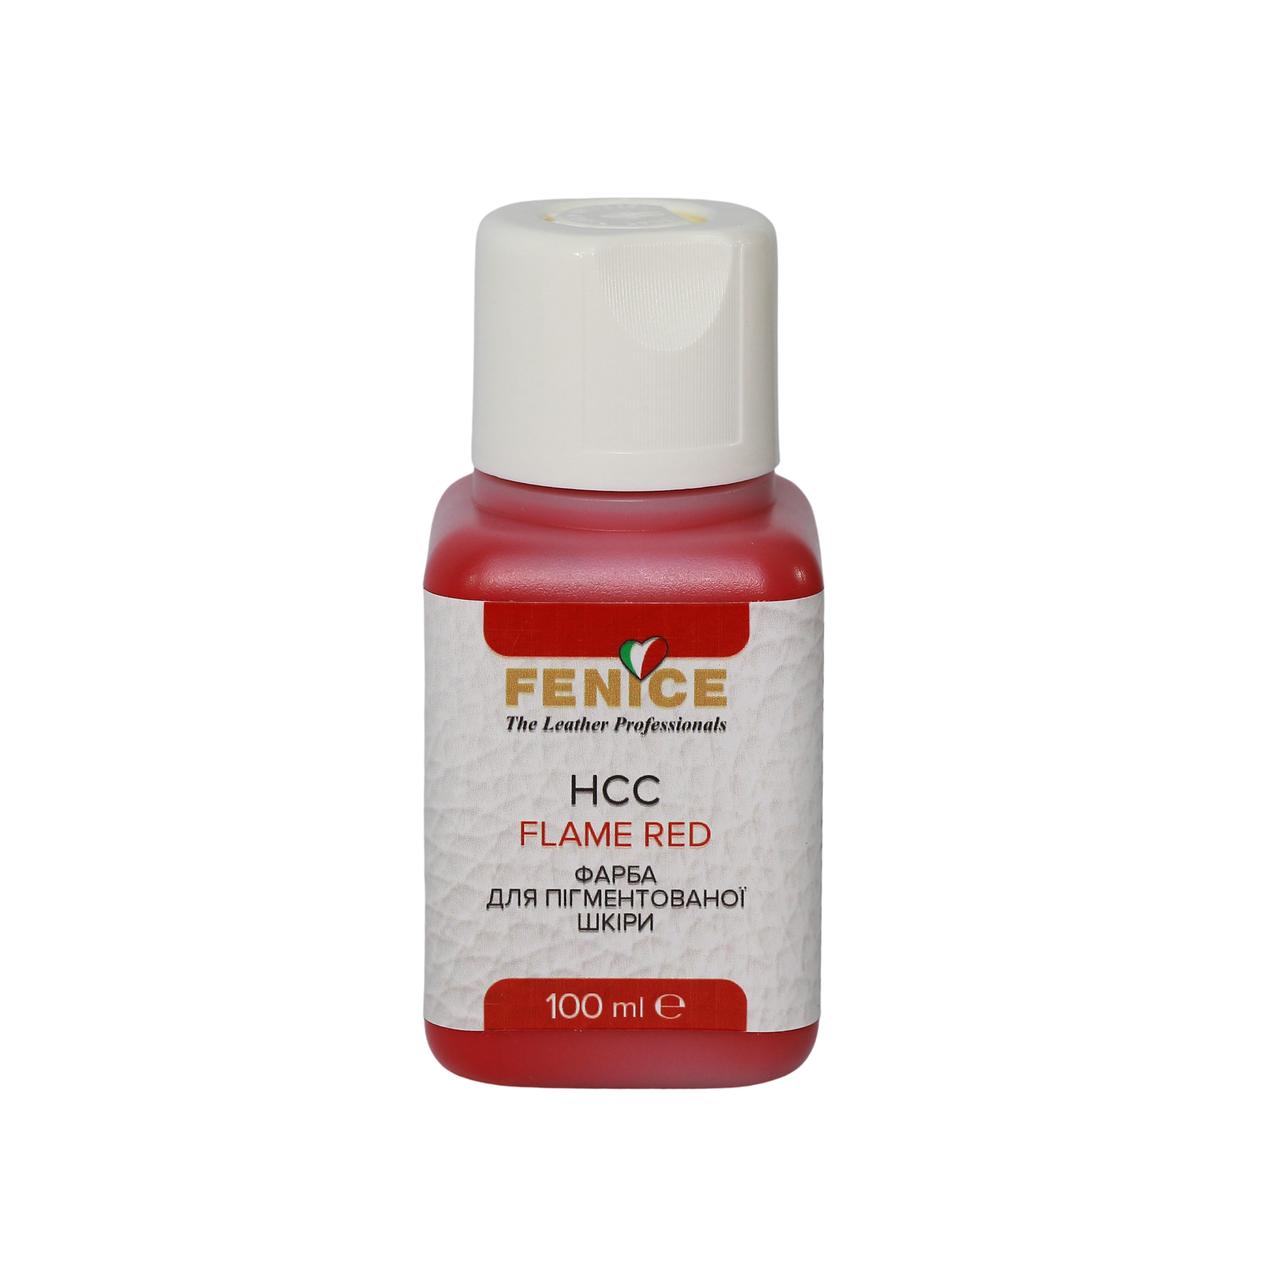 Фарба для шкіри Червона Fenice Flame Red HCC, 100 ml